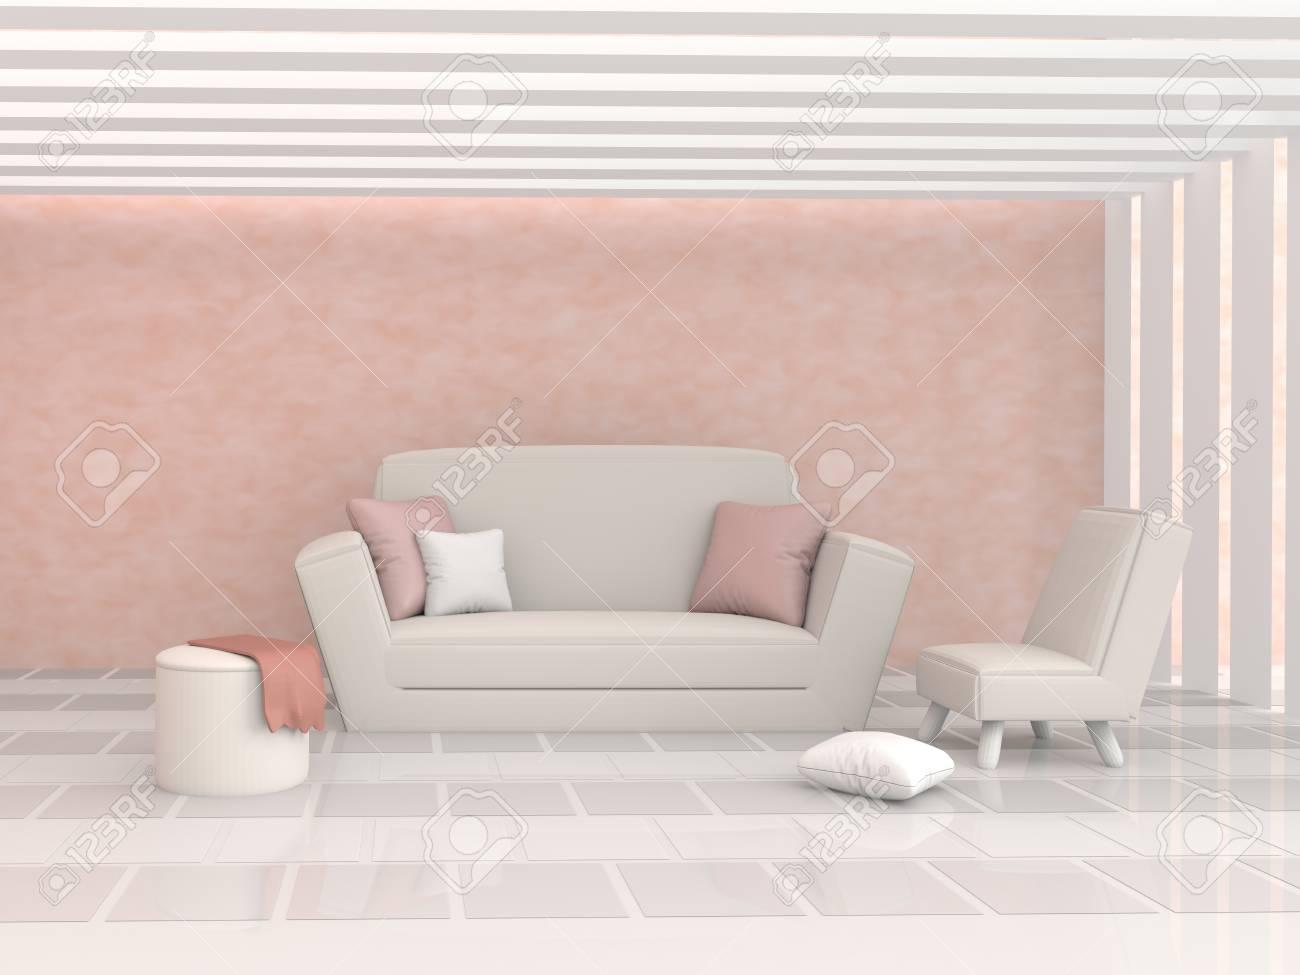 Le salon est meublé d\'oreillers, canapé, chaise, peinture murale en ciment  de couleur orange, plafond en slacté et plancher décoré de carreaux blancs  ...